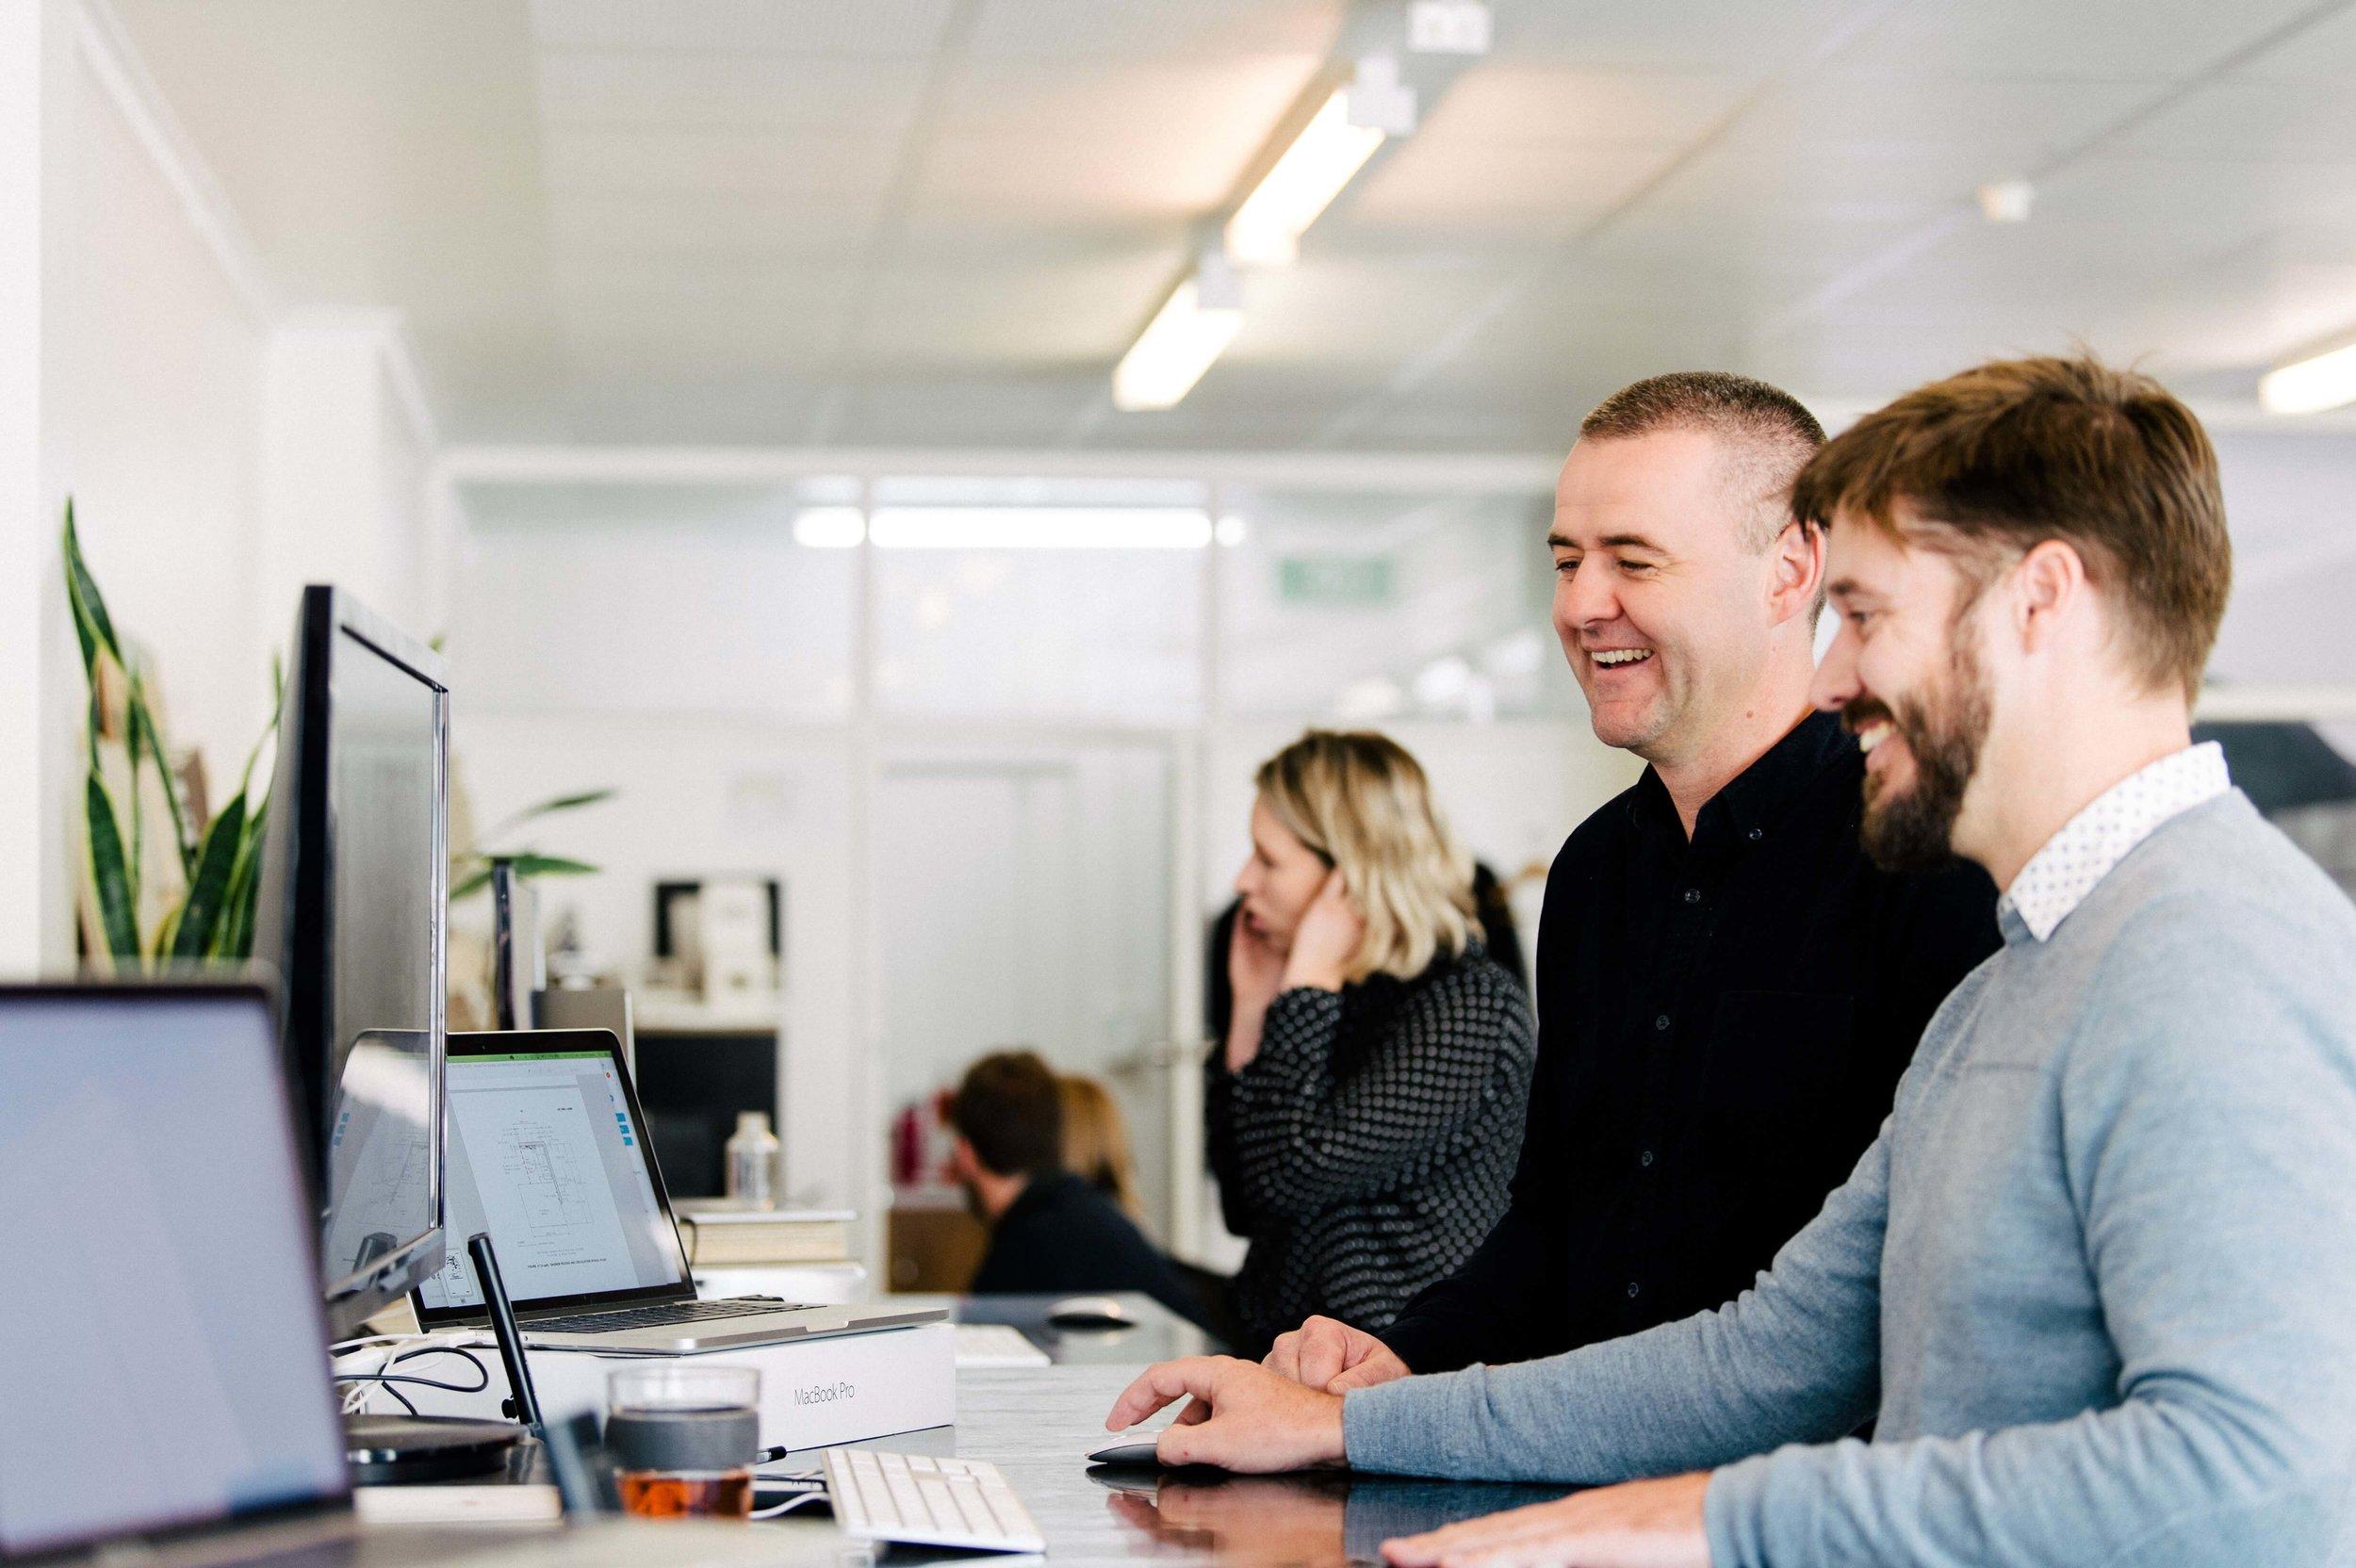 Thea Cumulus Studio team bringing client concepts to life. Image: Anjie Blair for Cumulus Studio 2019.